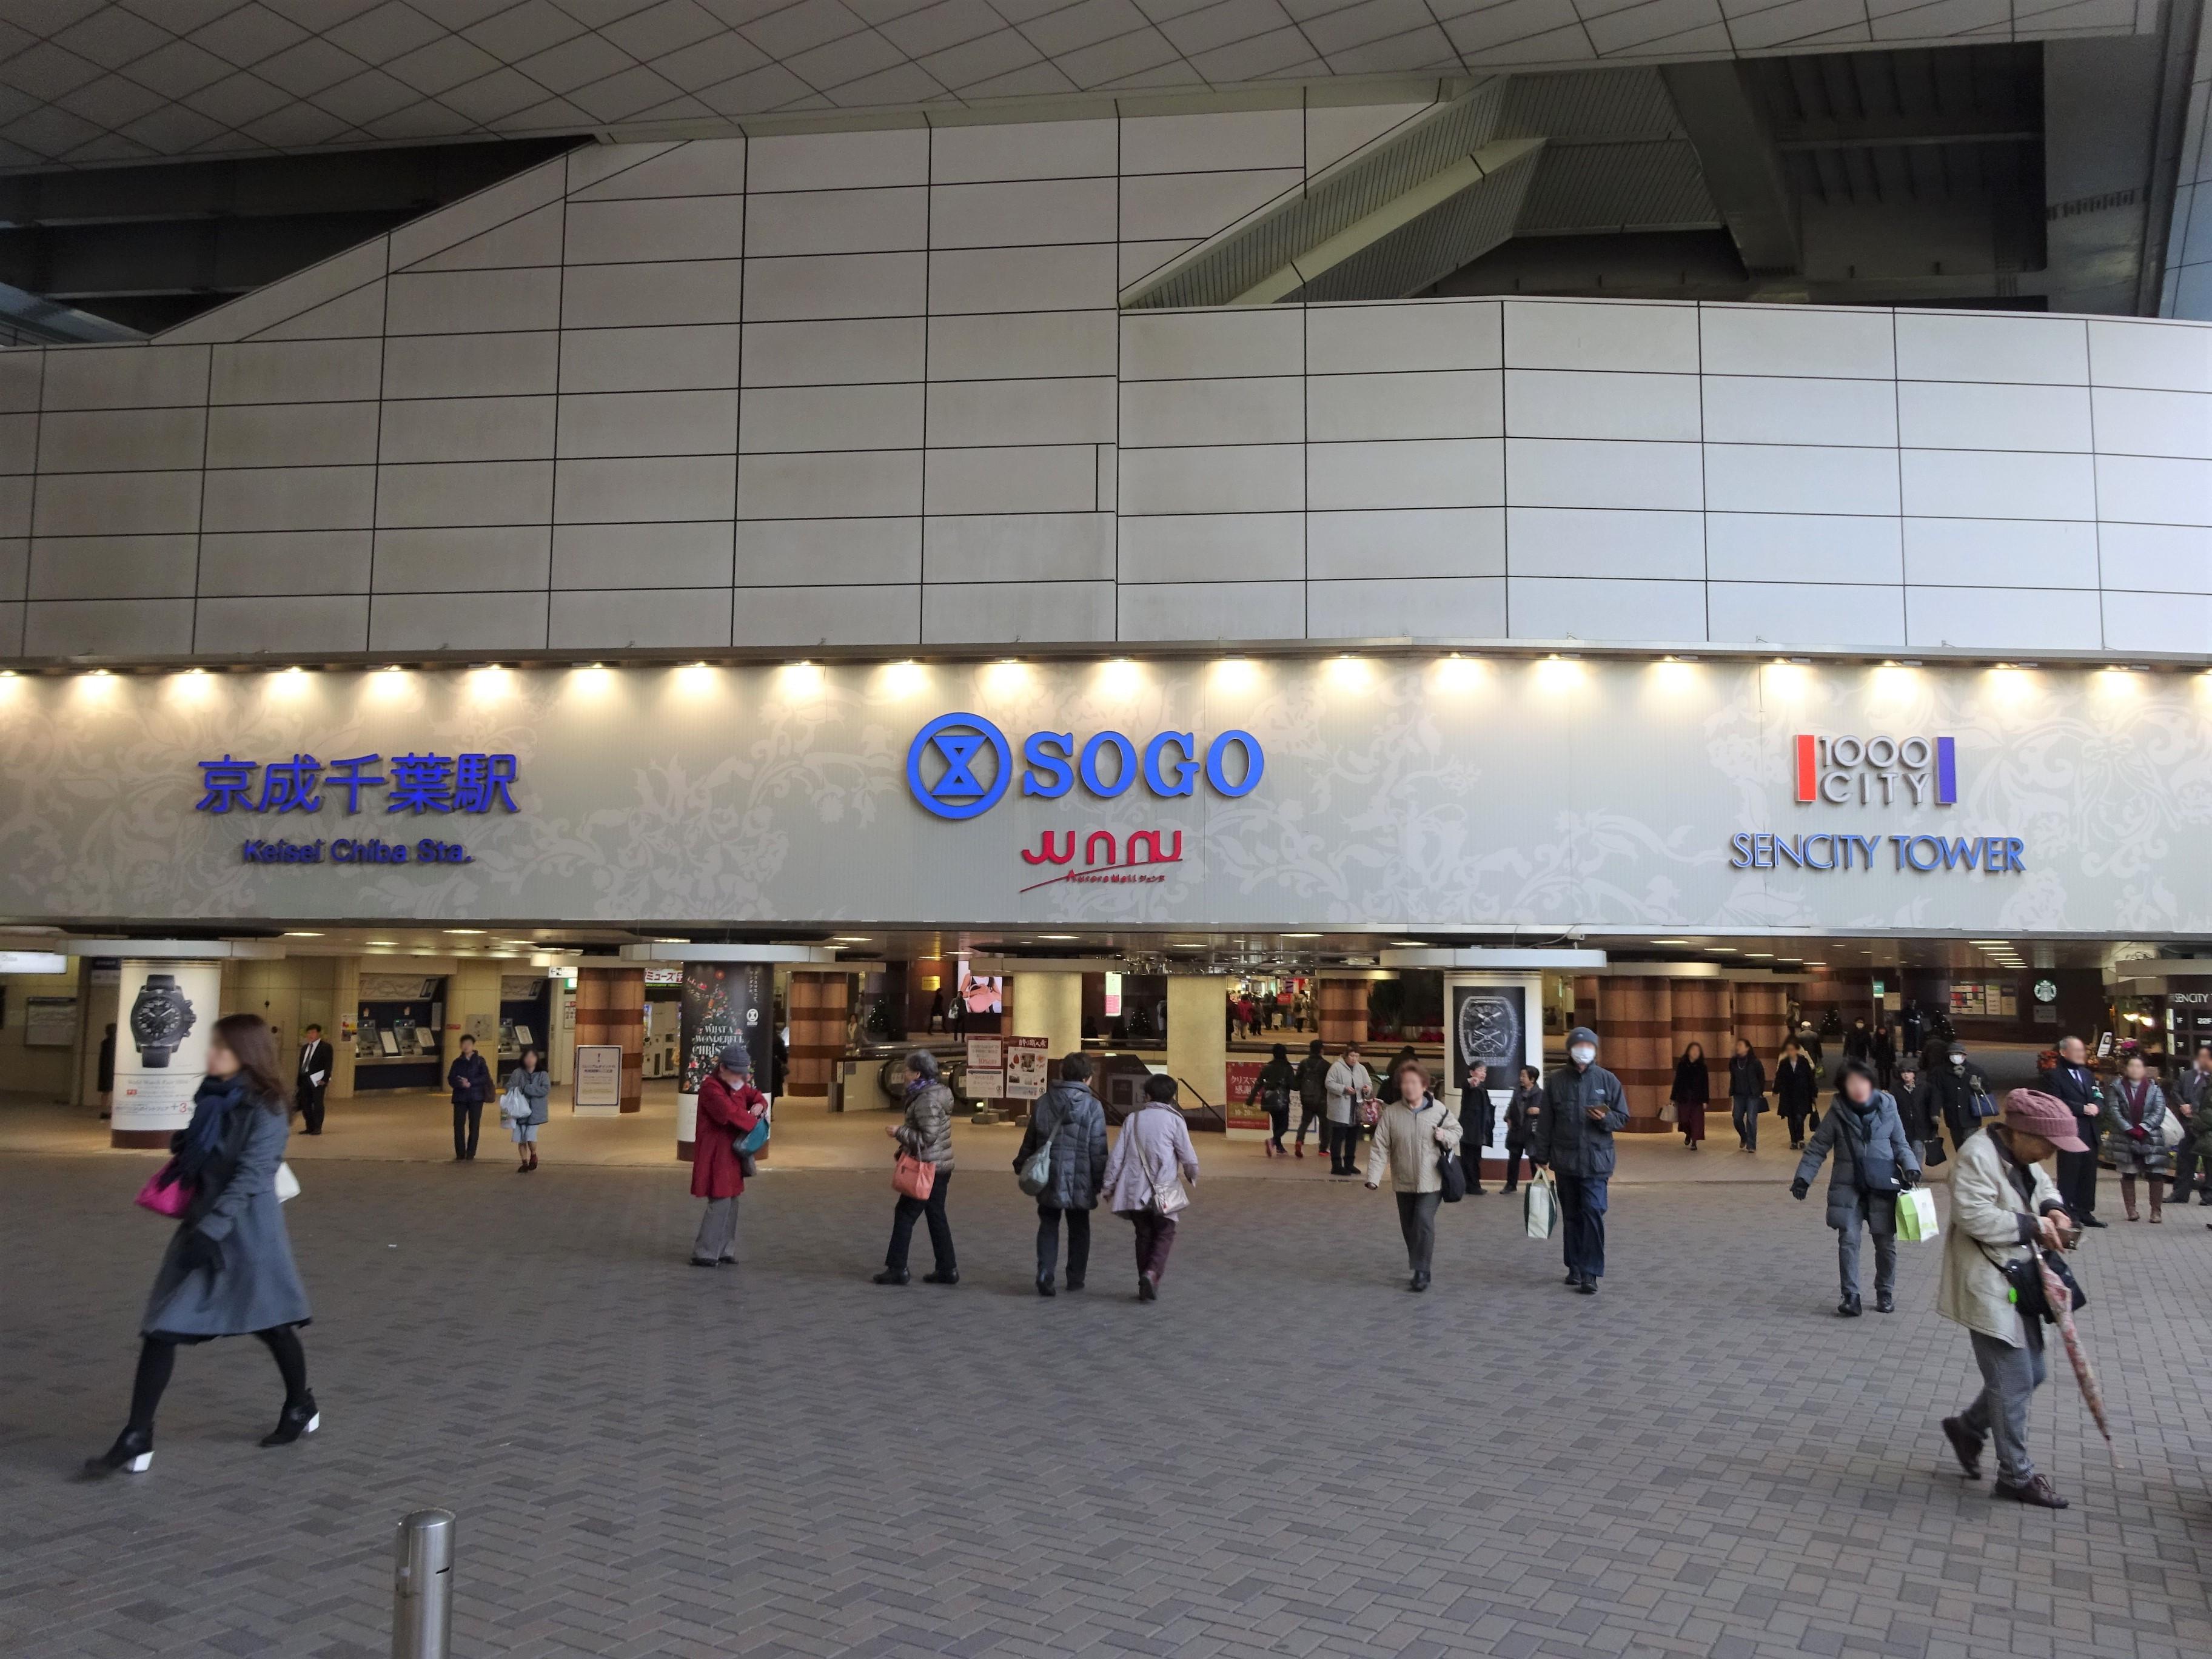 https://upload.wikimedia.org/wikipedia/commons/b/b2/Keisei-Chiba-Sta.JPG